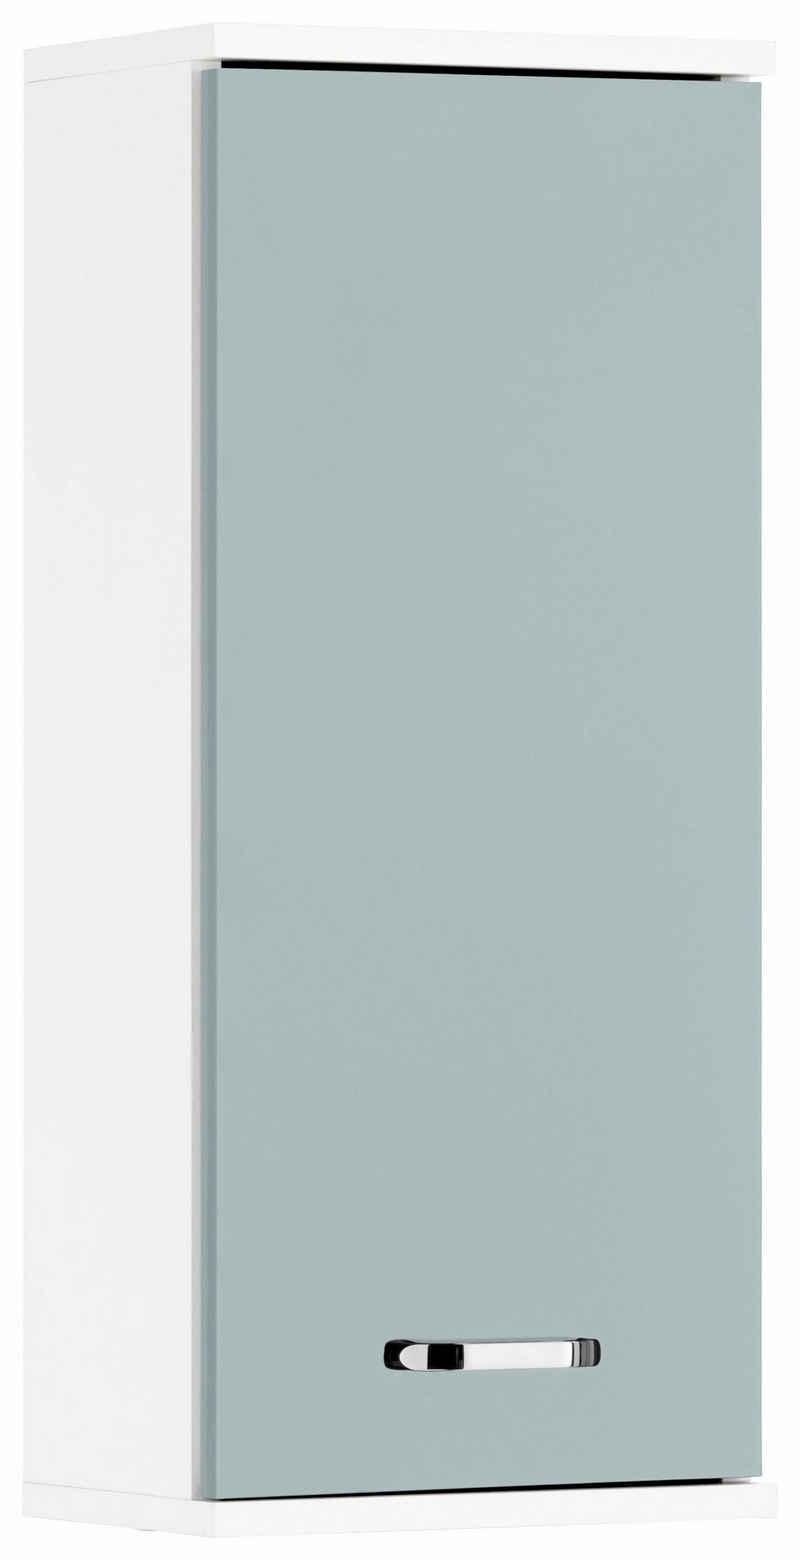 Schildmeyer Hängeschrank »Colli« Breite 30 cm, Badezimmerschrank mit Metallgriffen, wechselbarer Türanschlag